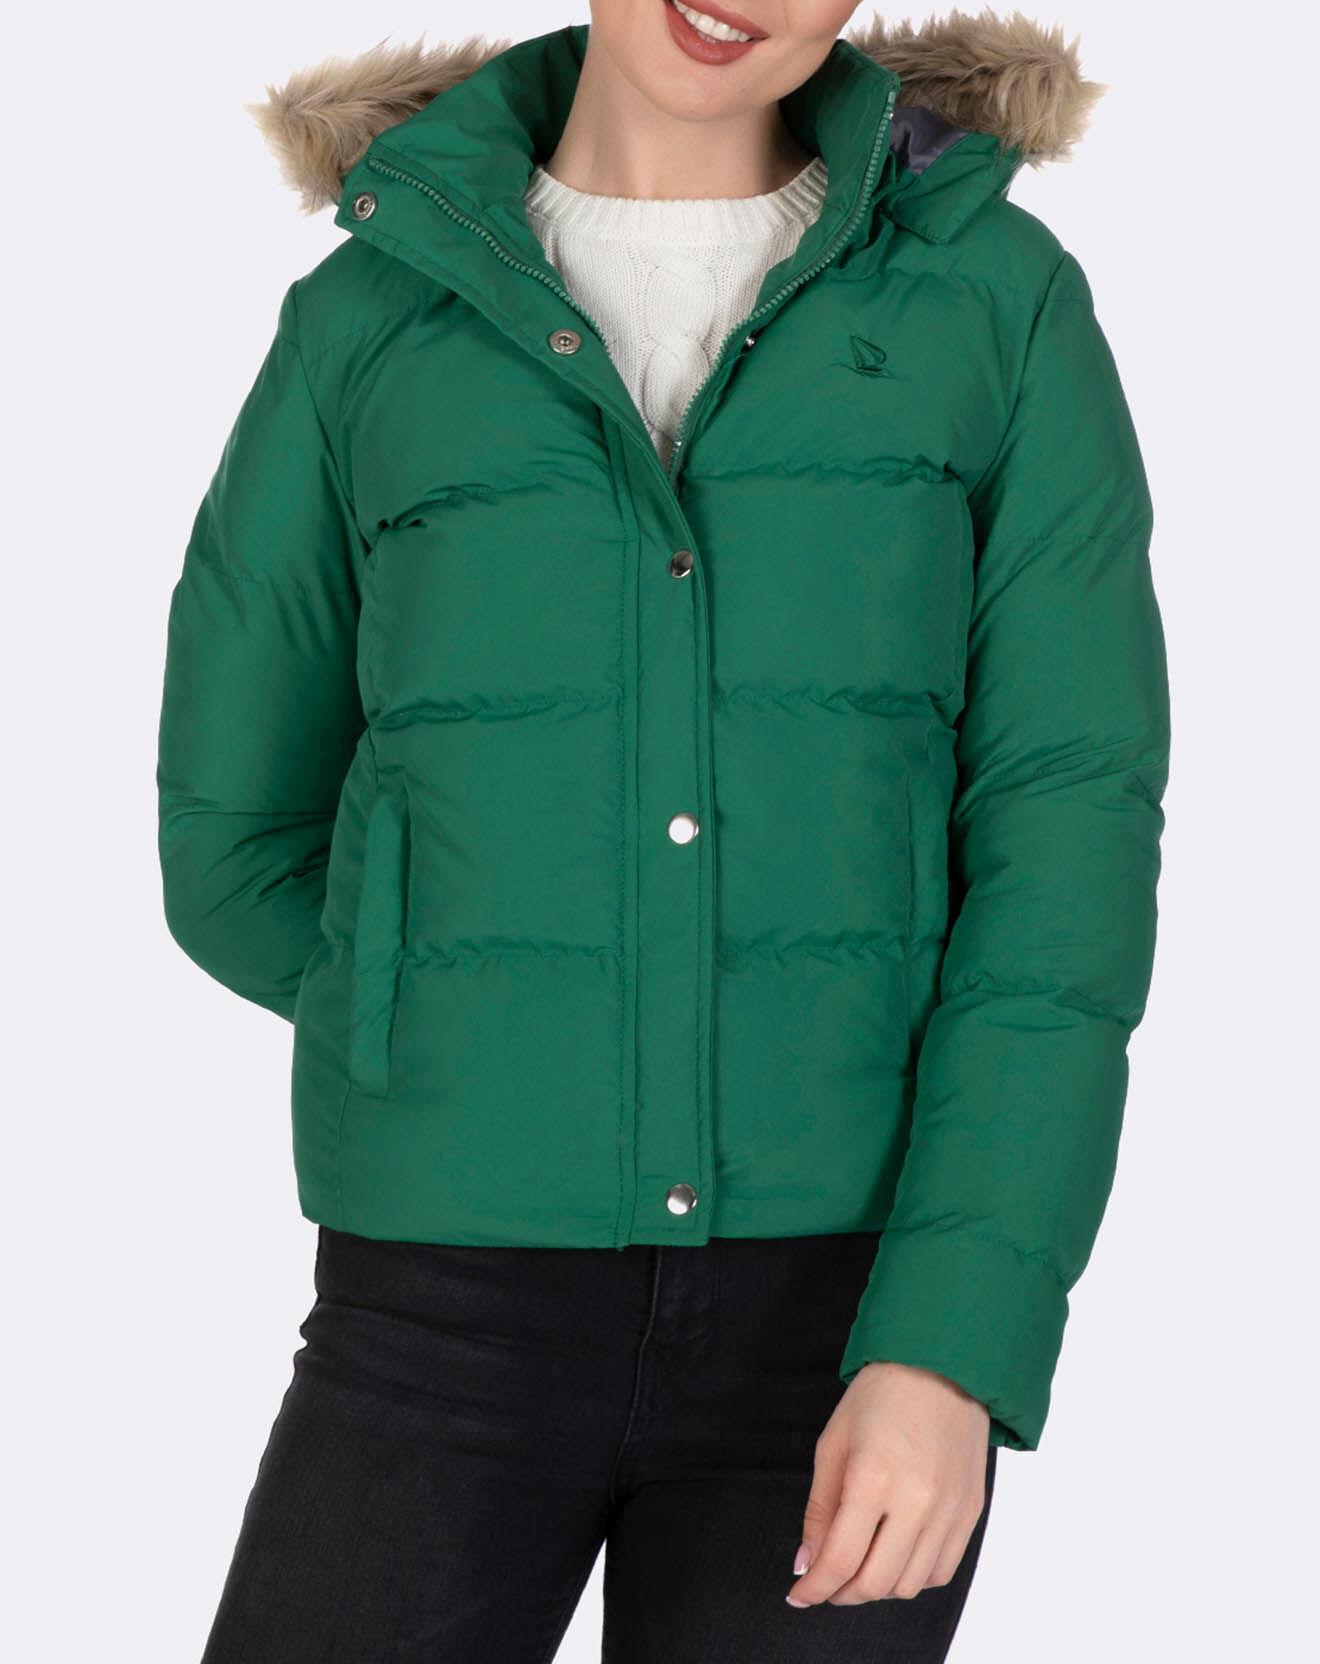 Doudoune courte à capuche verte